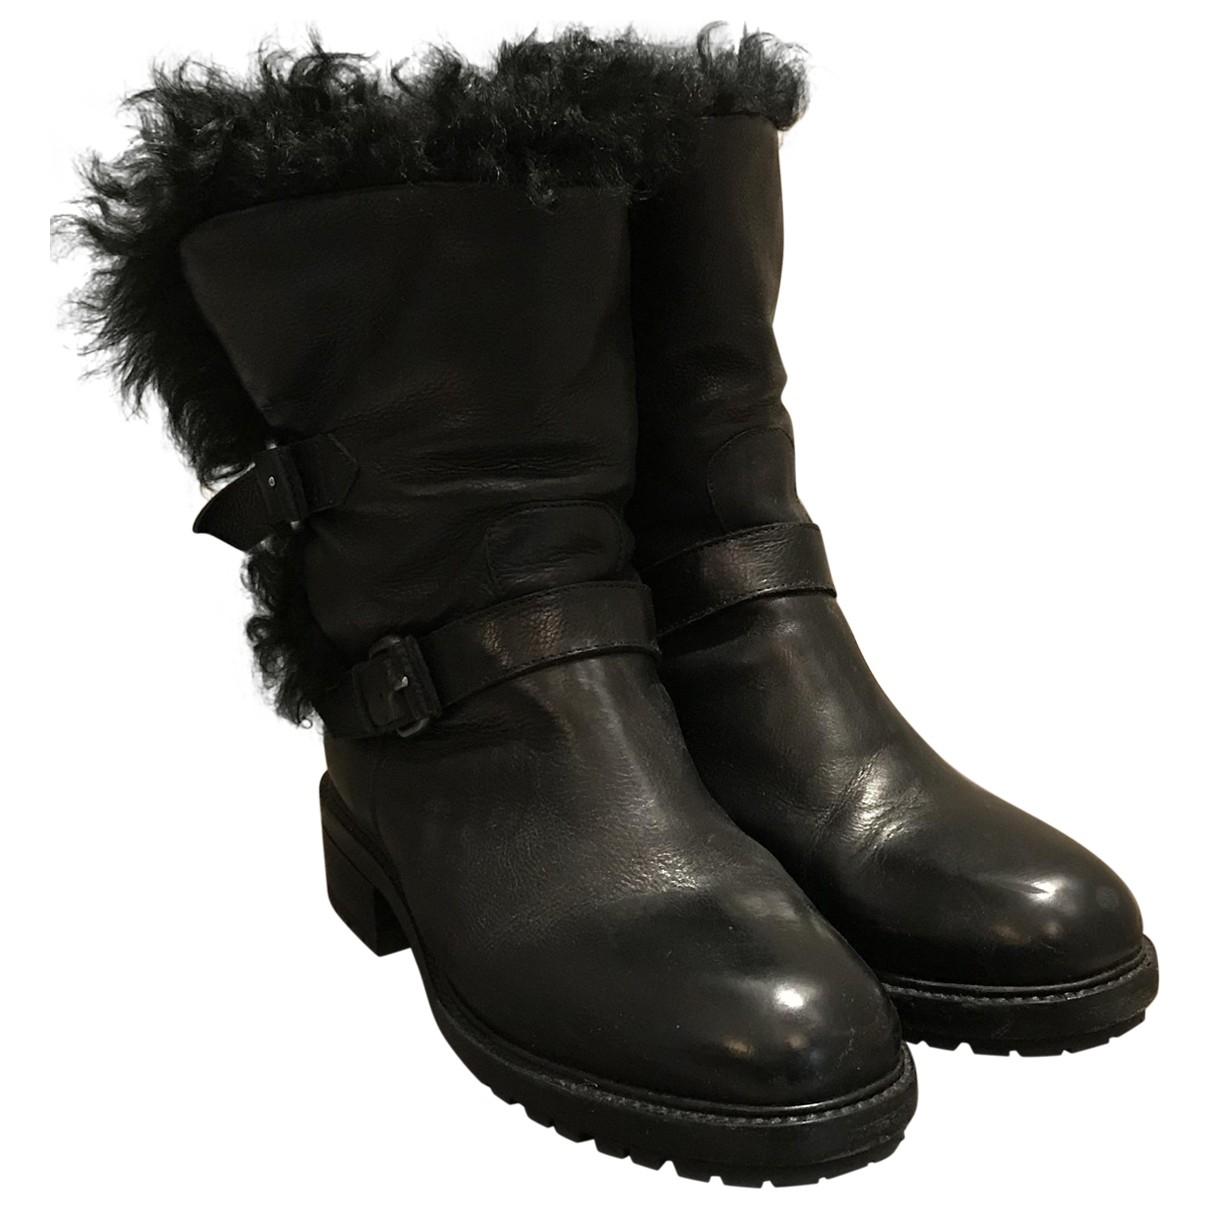 Sartore - Boots   pour femme en racoon - noir